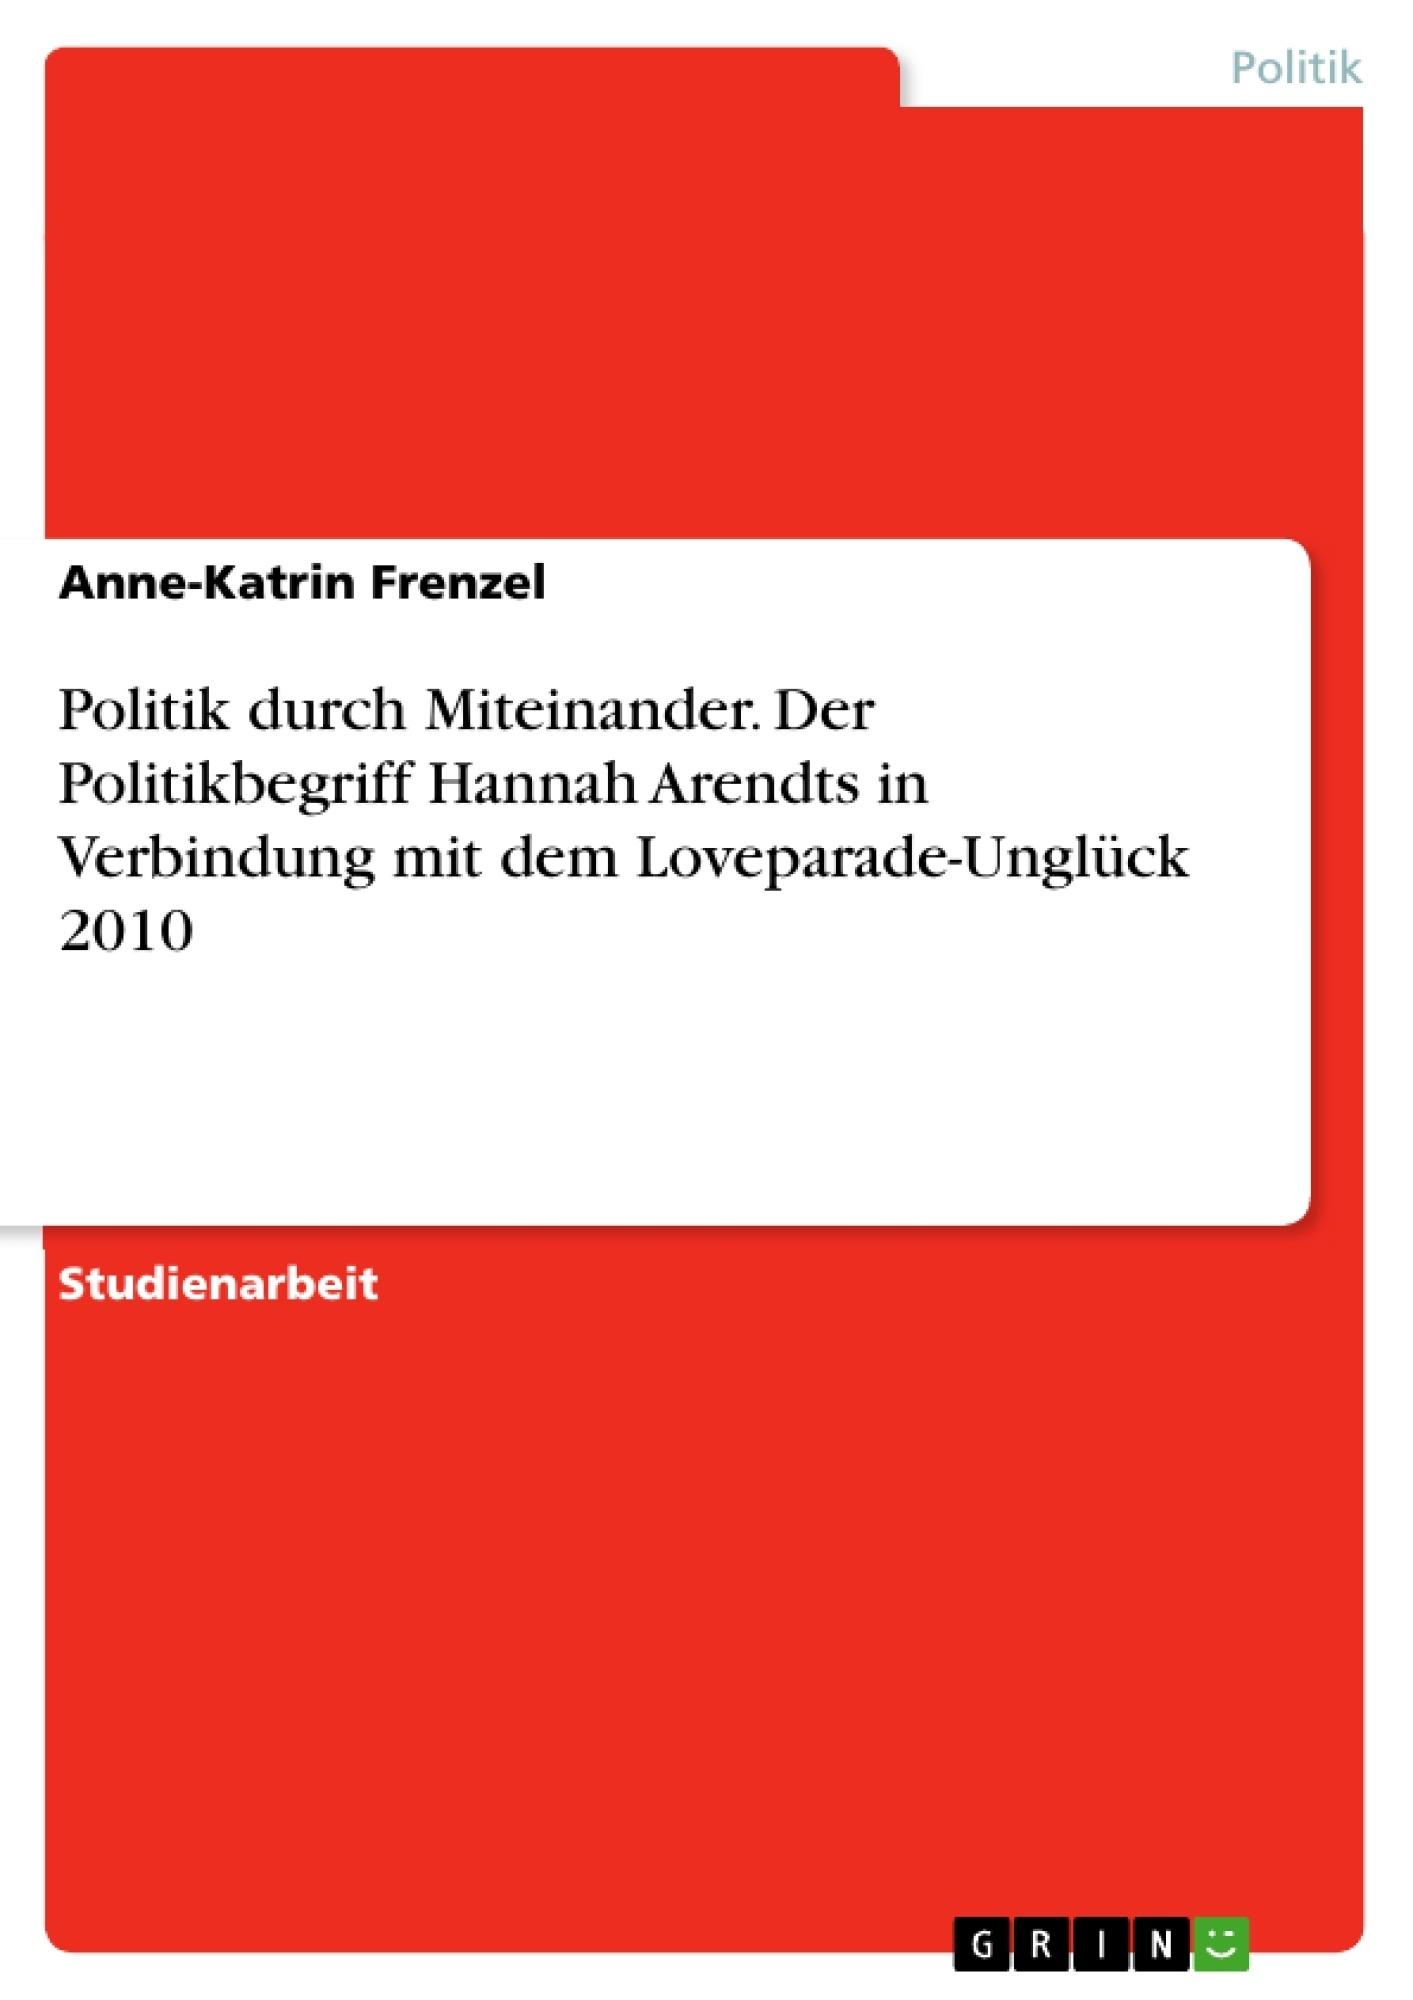 Titel: Politik durch Miteinander. Der Politikbegriff Hannah Arendts in Verbindung mit dem Loveparade-Unglück 2010